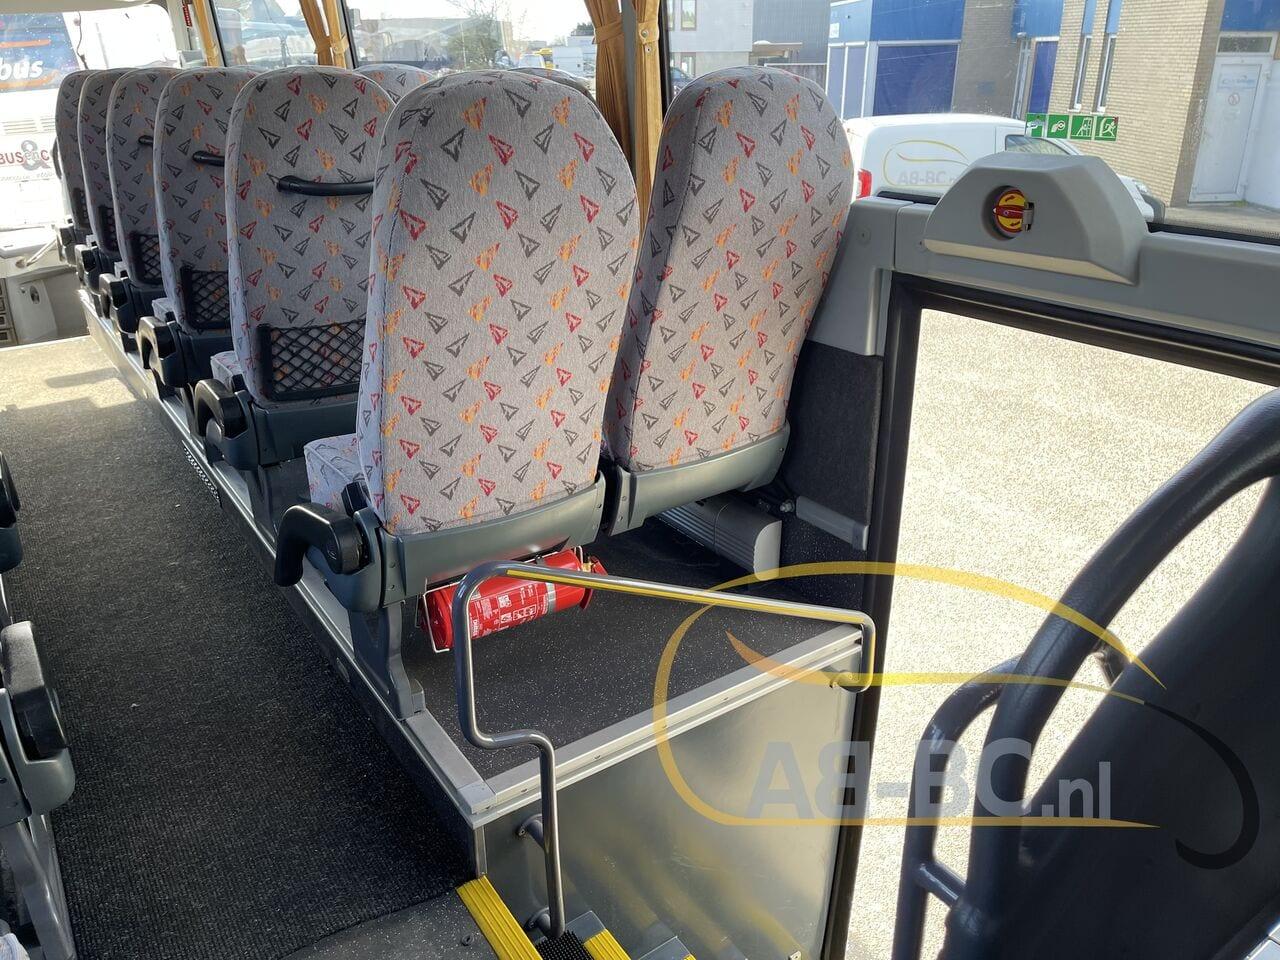 coach-busTEMSA-Safari-RD-53-Seats-DAF-Motor-12-mtr---1616166826722952452_big_edea6419e8c06e81416eb2e7ab6196c3--21031917053743807500